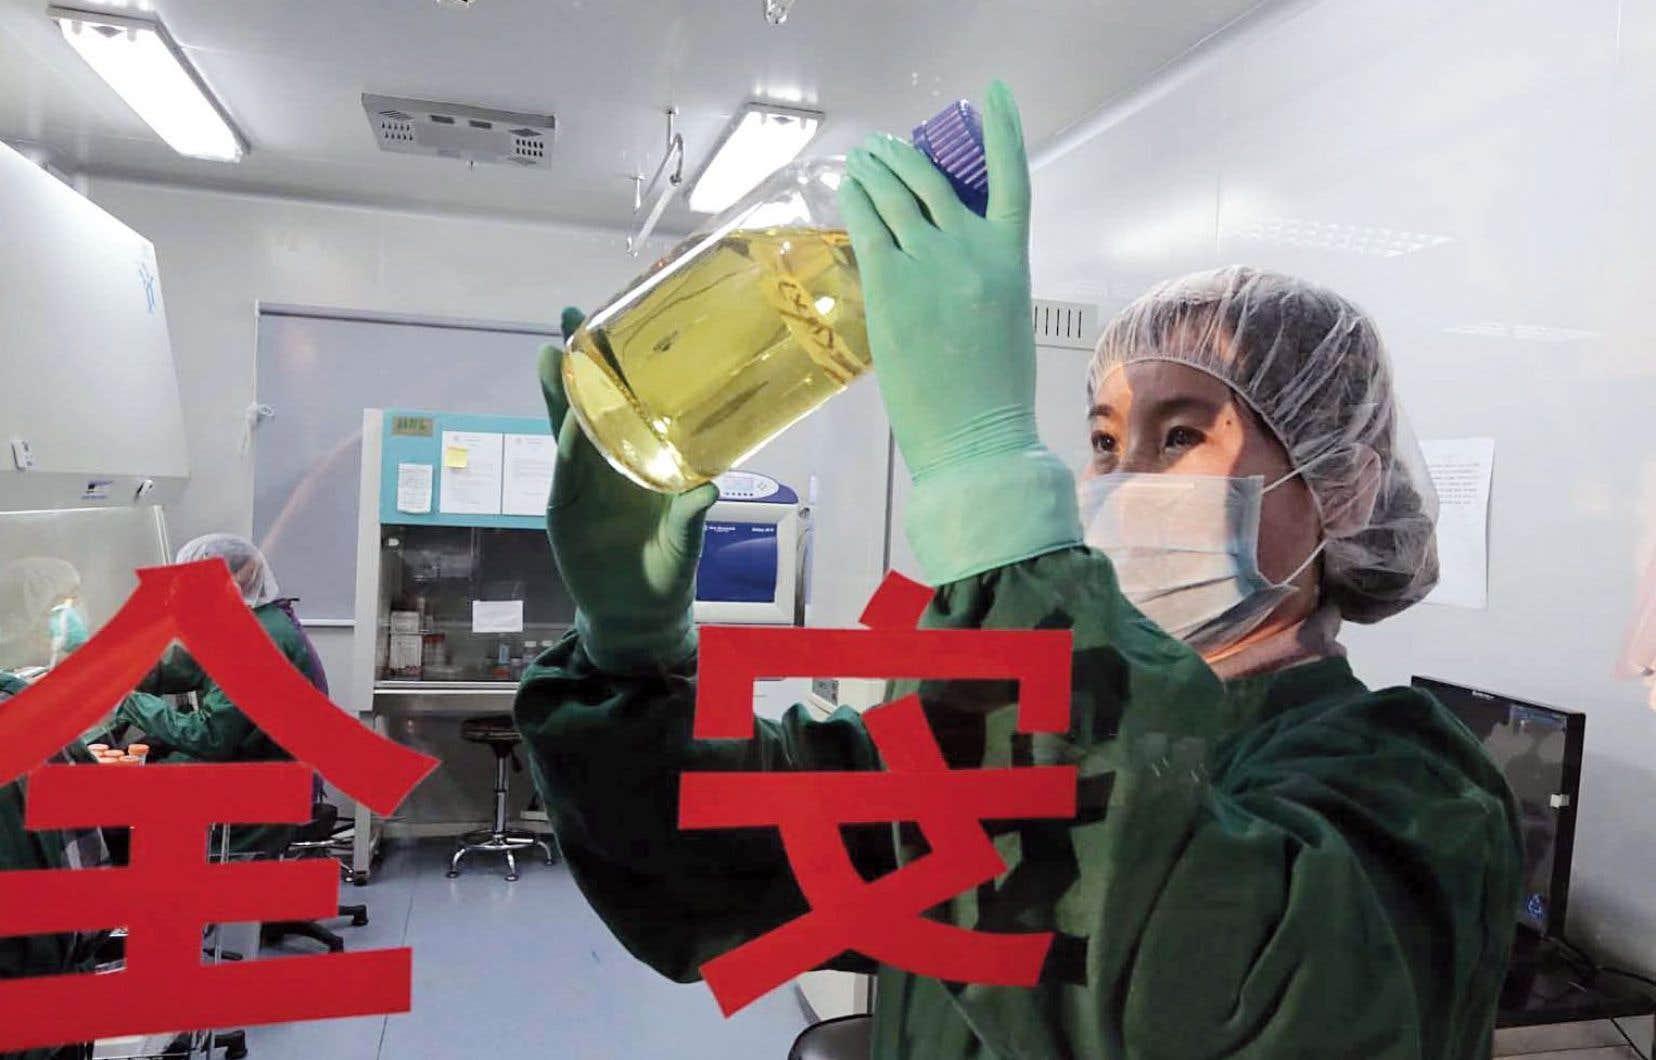 Thierry Berrod remonte à la source de l'urine, à laquelle s'abreuvent des millions de personnes, au sens propre comme au figuré.